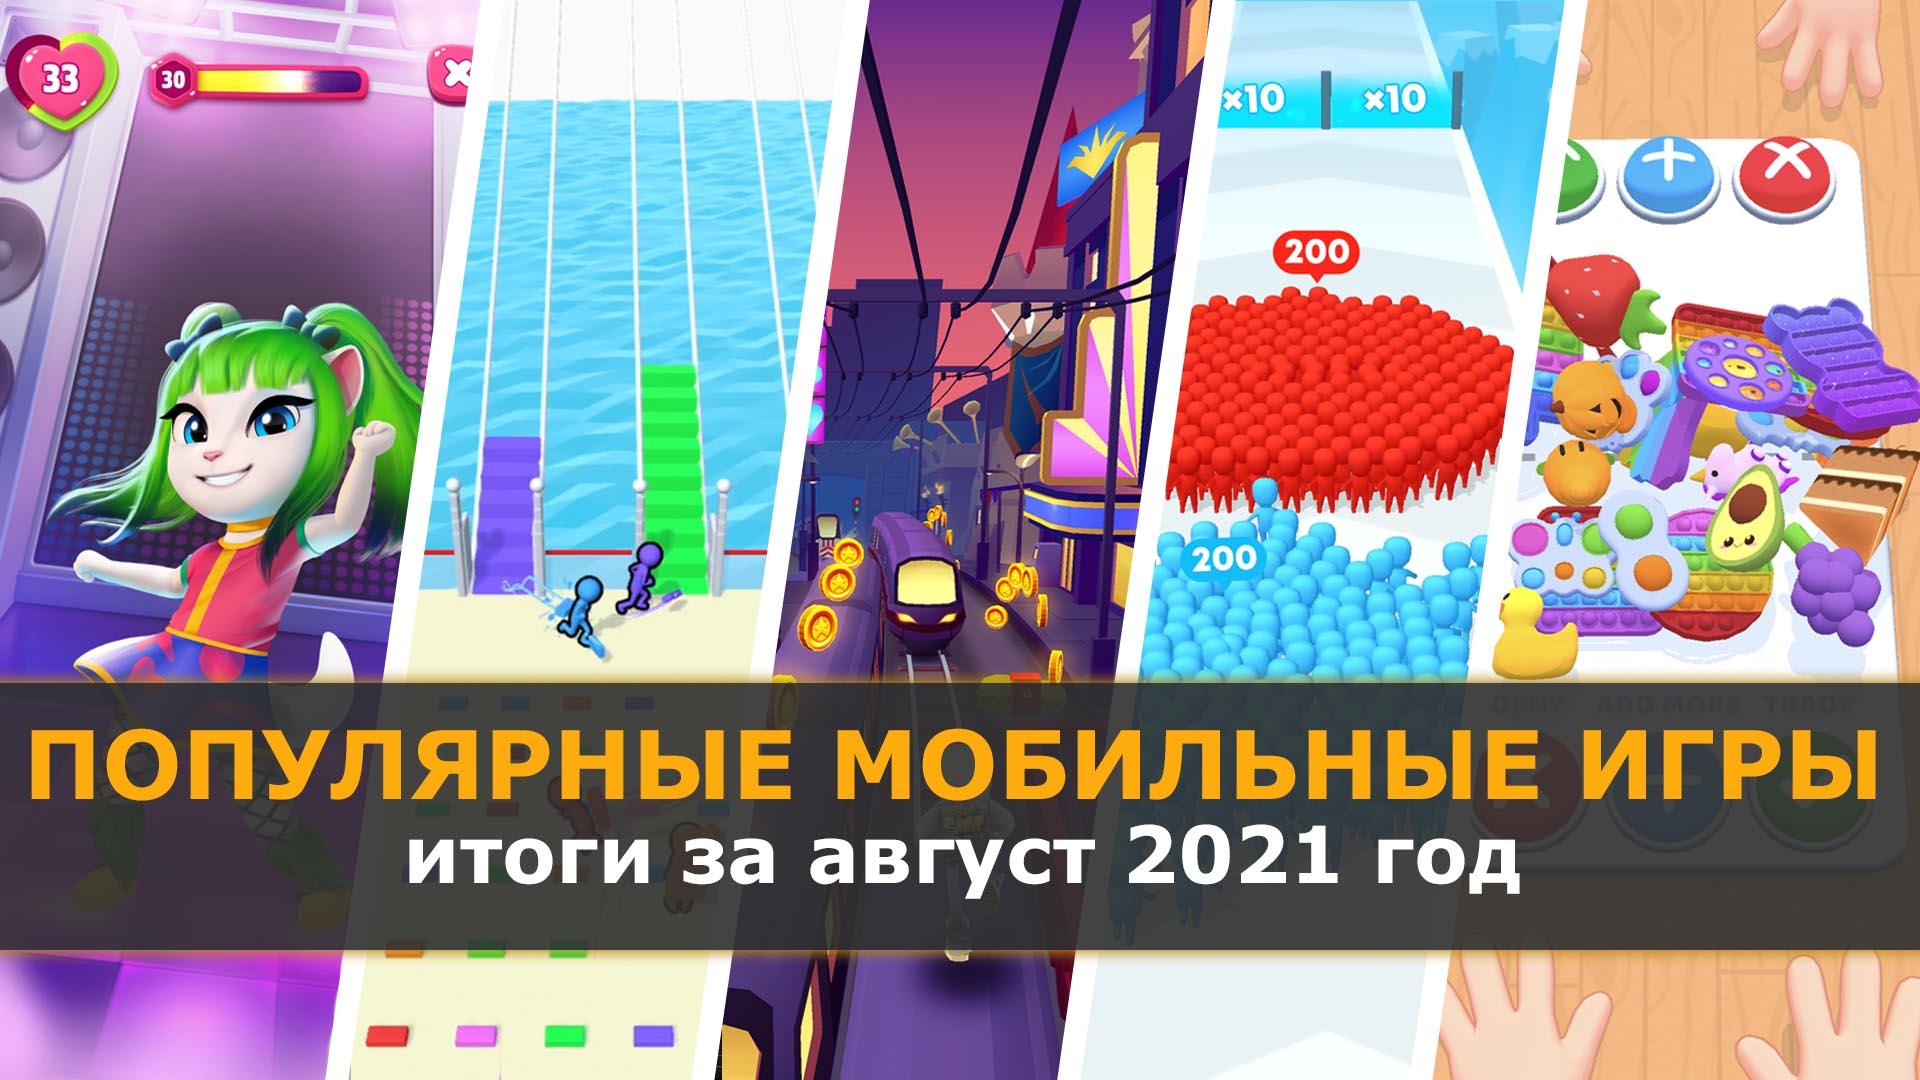 популярные мобильные игры 2021